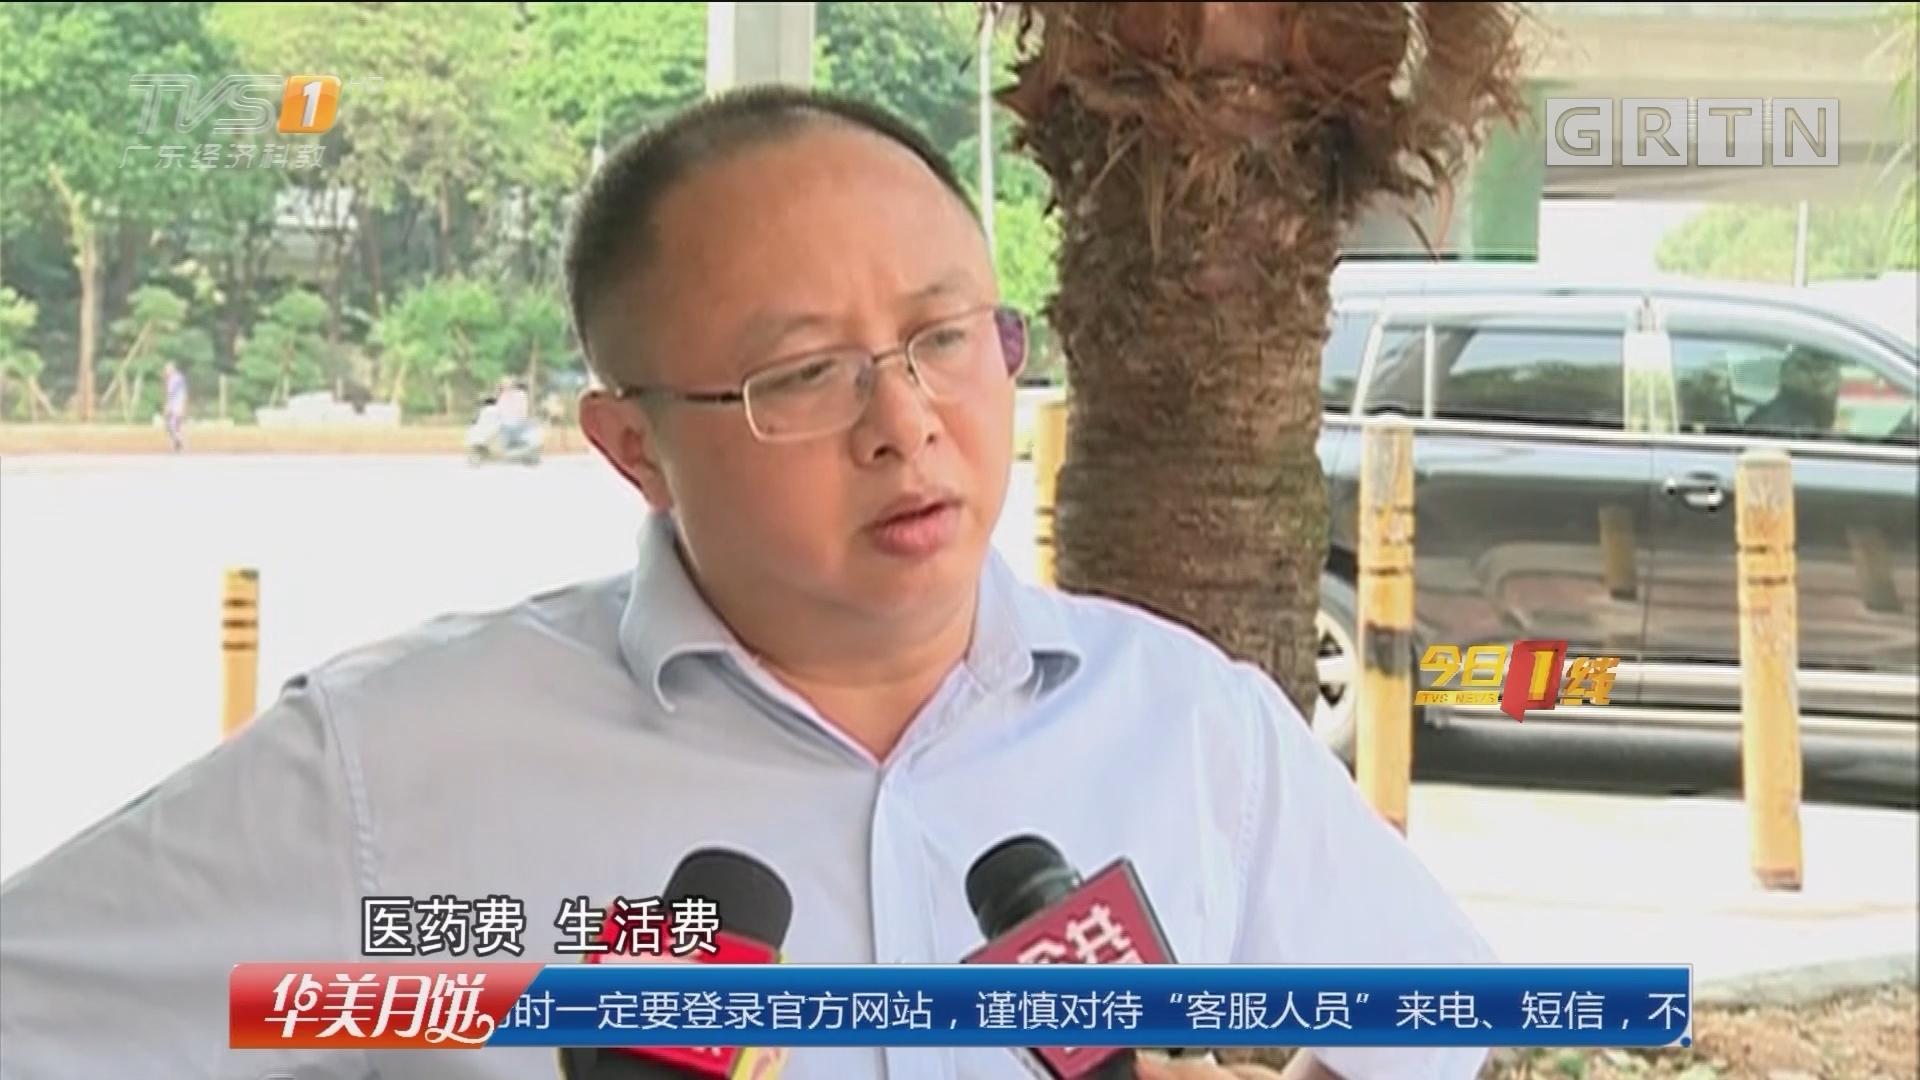 深圳:去医院做胃镜 醒来五根肋骨骨折?